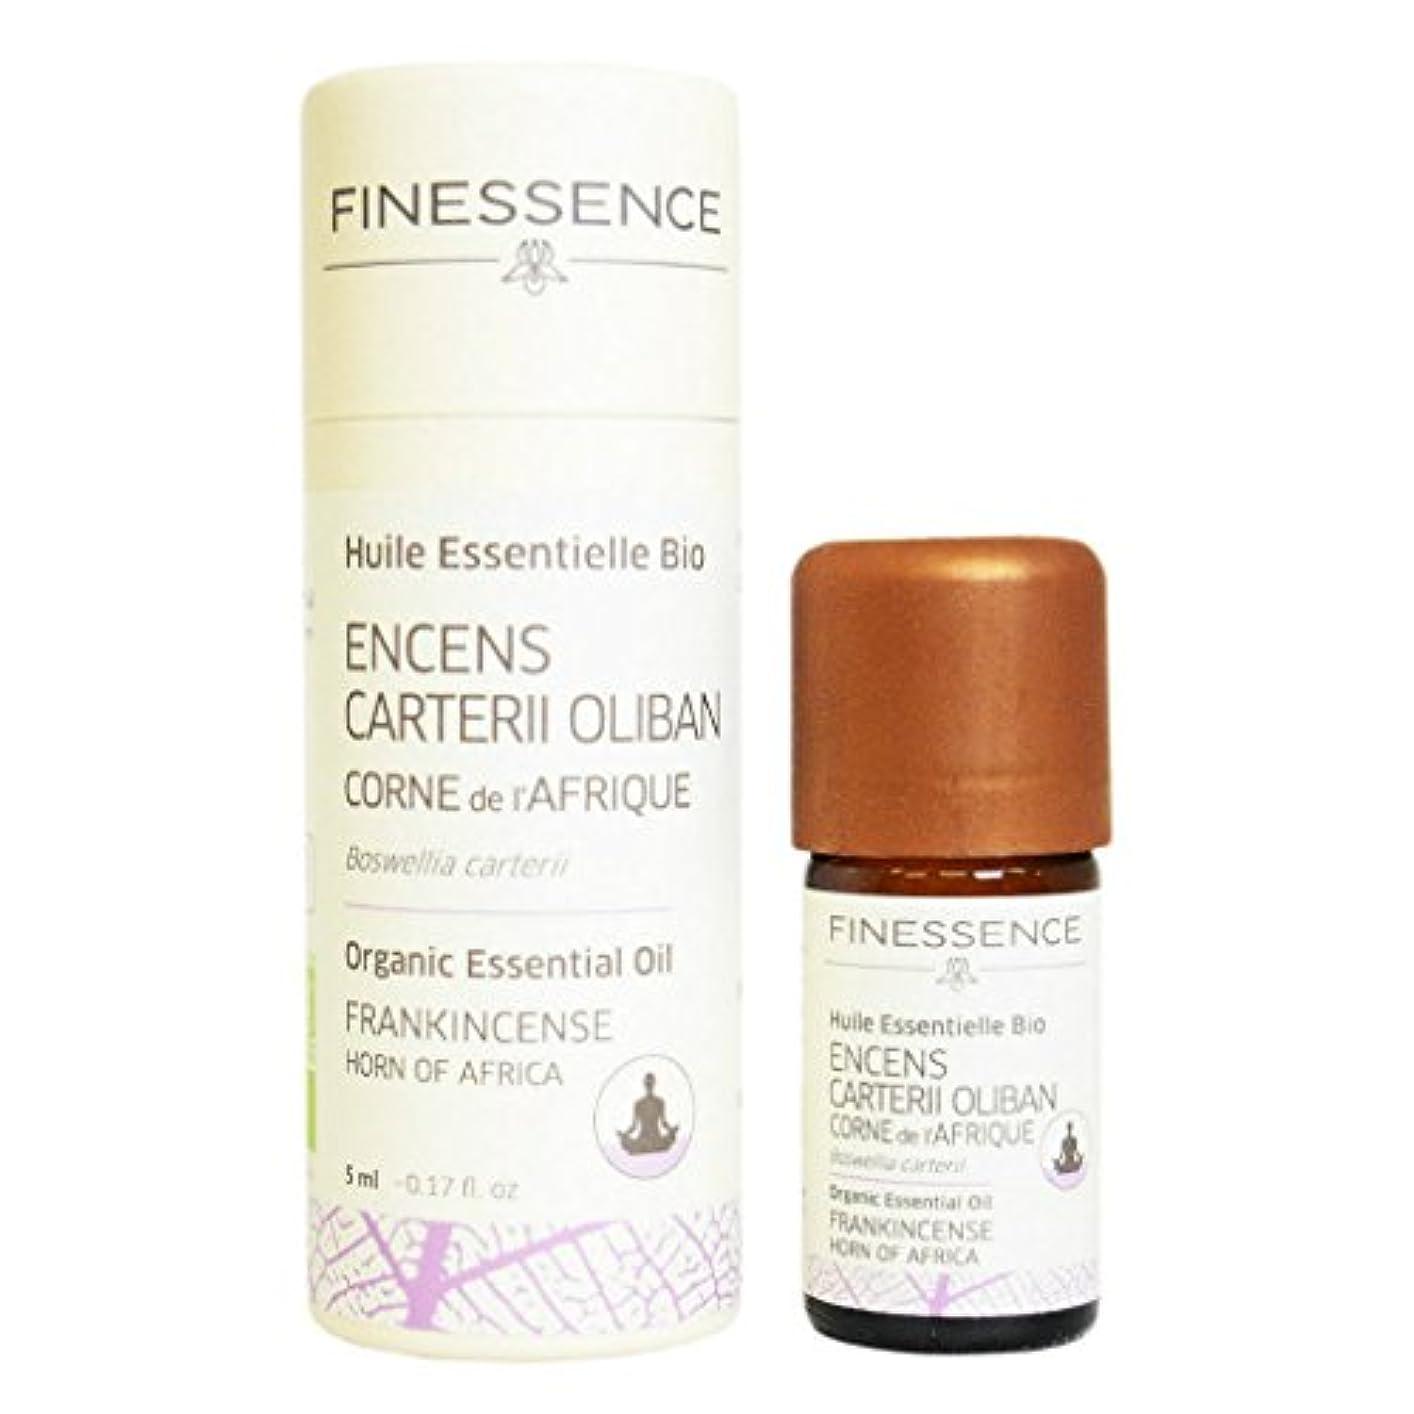 フィネッサンス (FINESSENCE) オーガニックエッセンシャルオイル フランキンセンス(乳香、オリバナム) 5ml